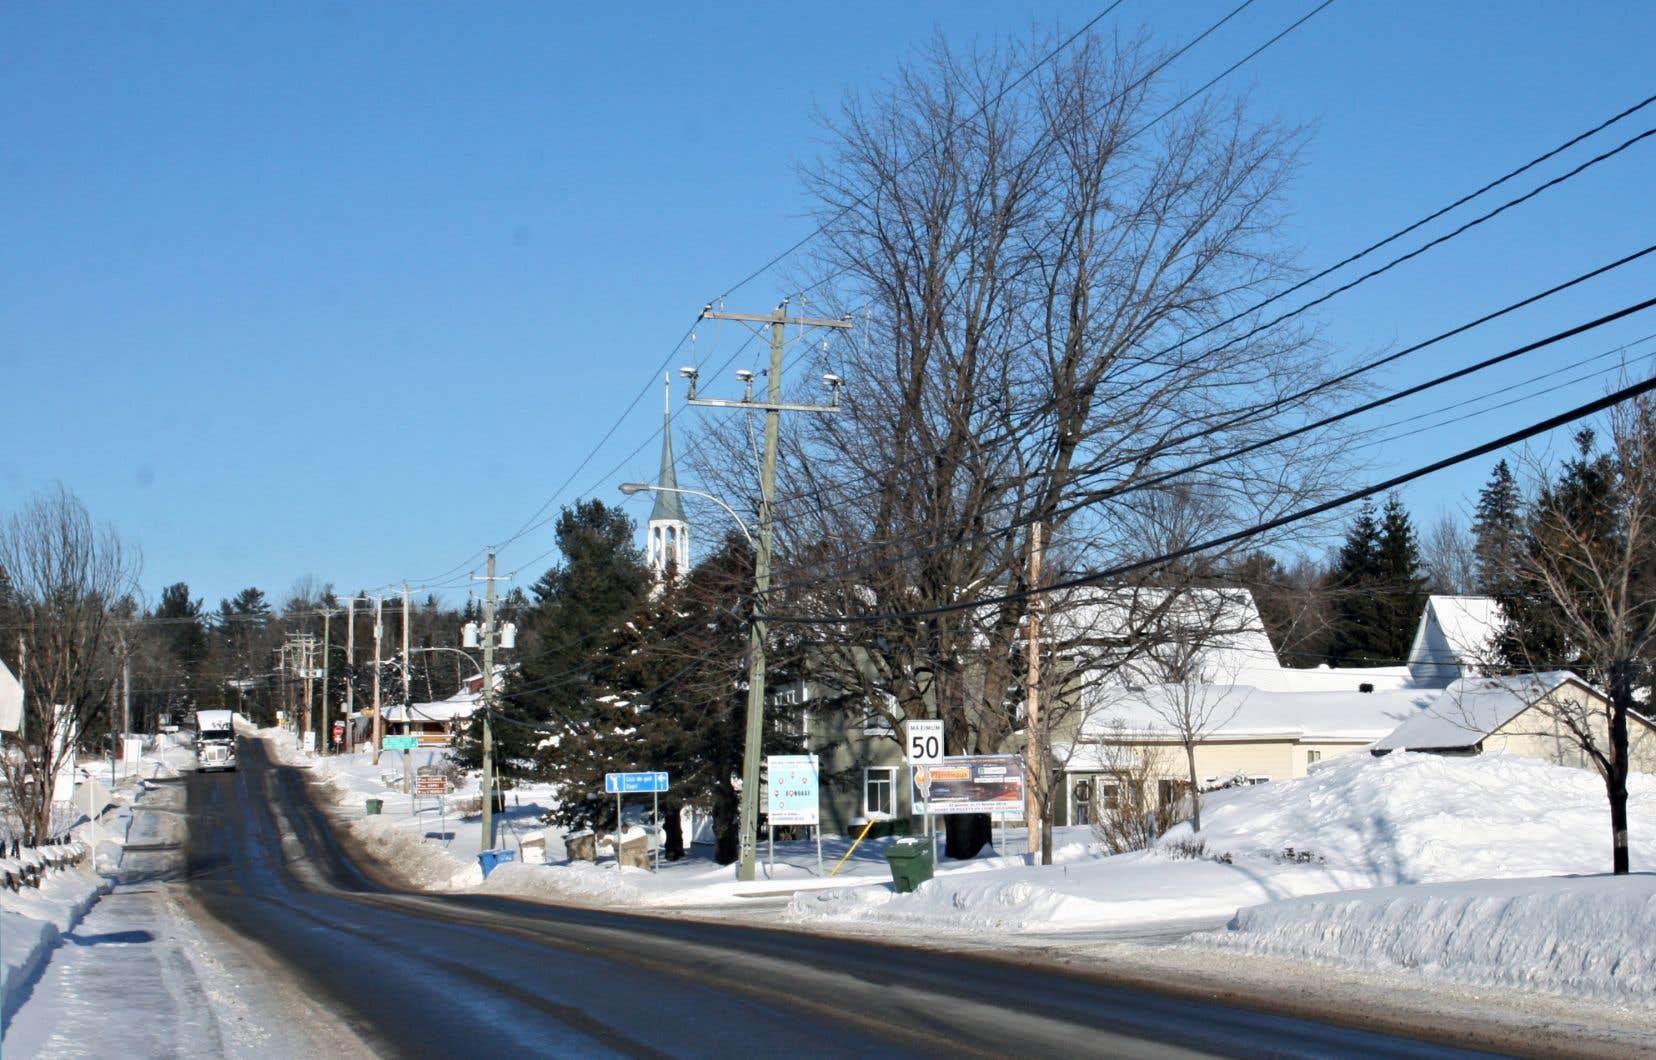 «Le modèle de densification élevée préconisé [par la Communauté métropolitaine de Montréal] n'atteint pas les objectifs de qualité de vie que poursuivent les familles, du moins pas toutes», estime le maire de Saint-Colomban.